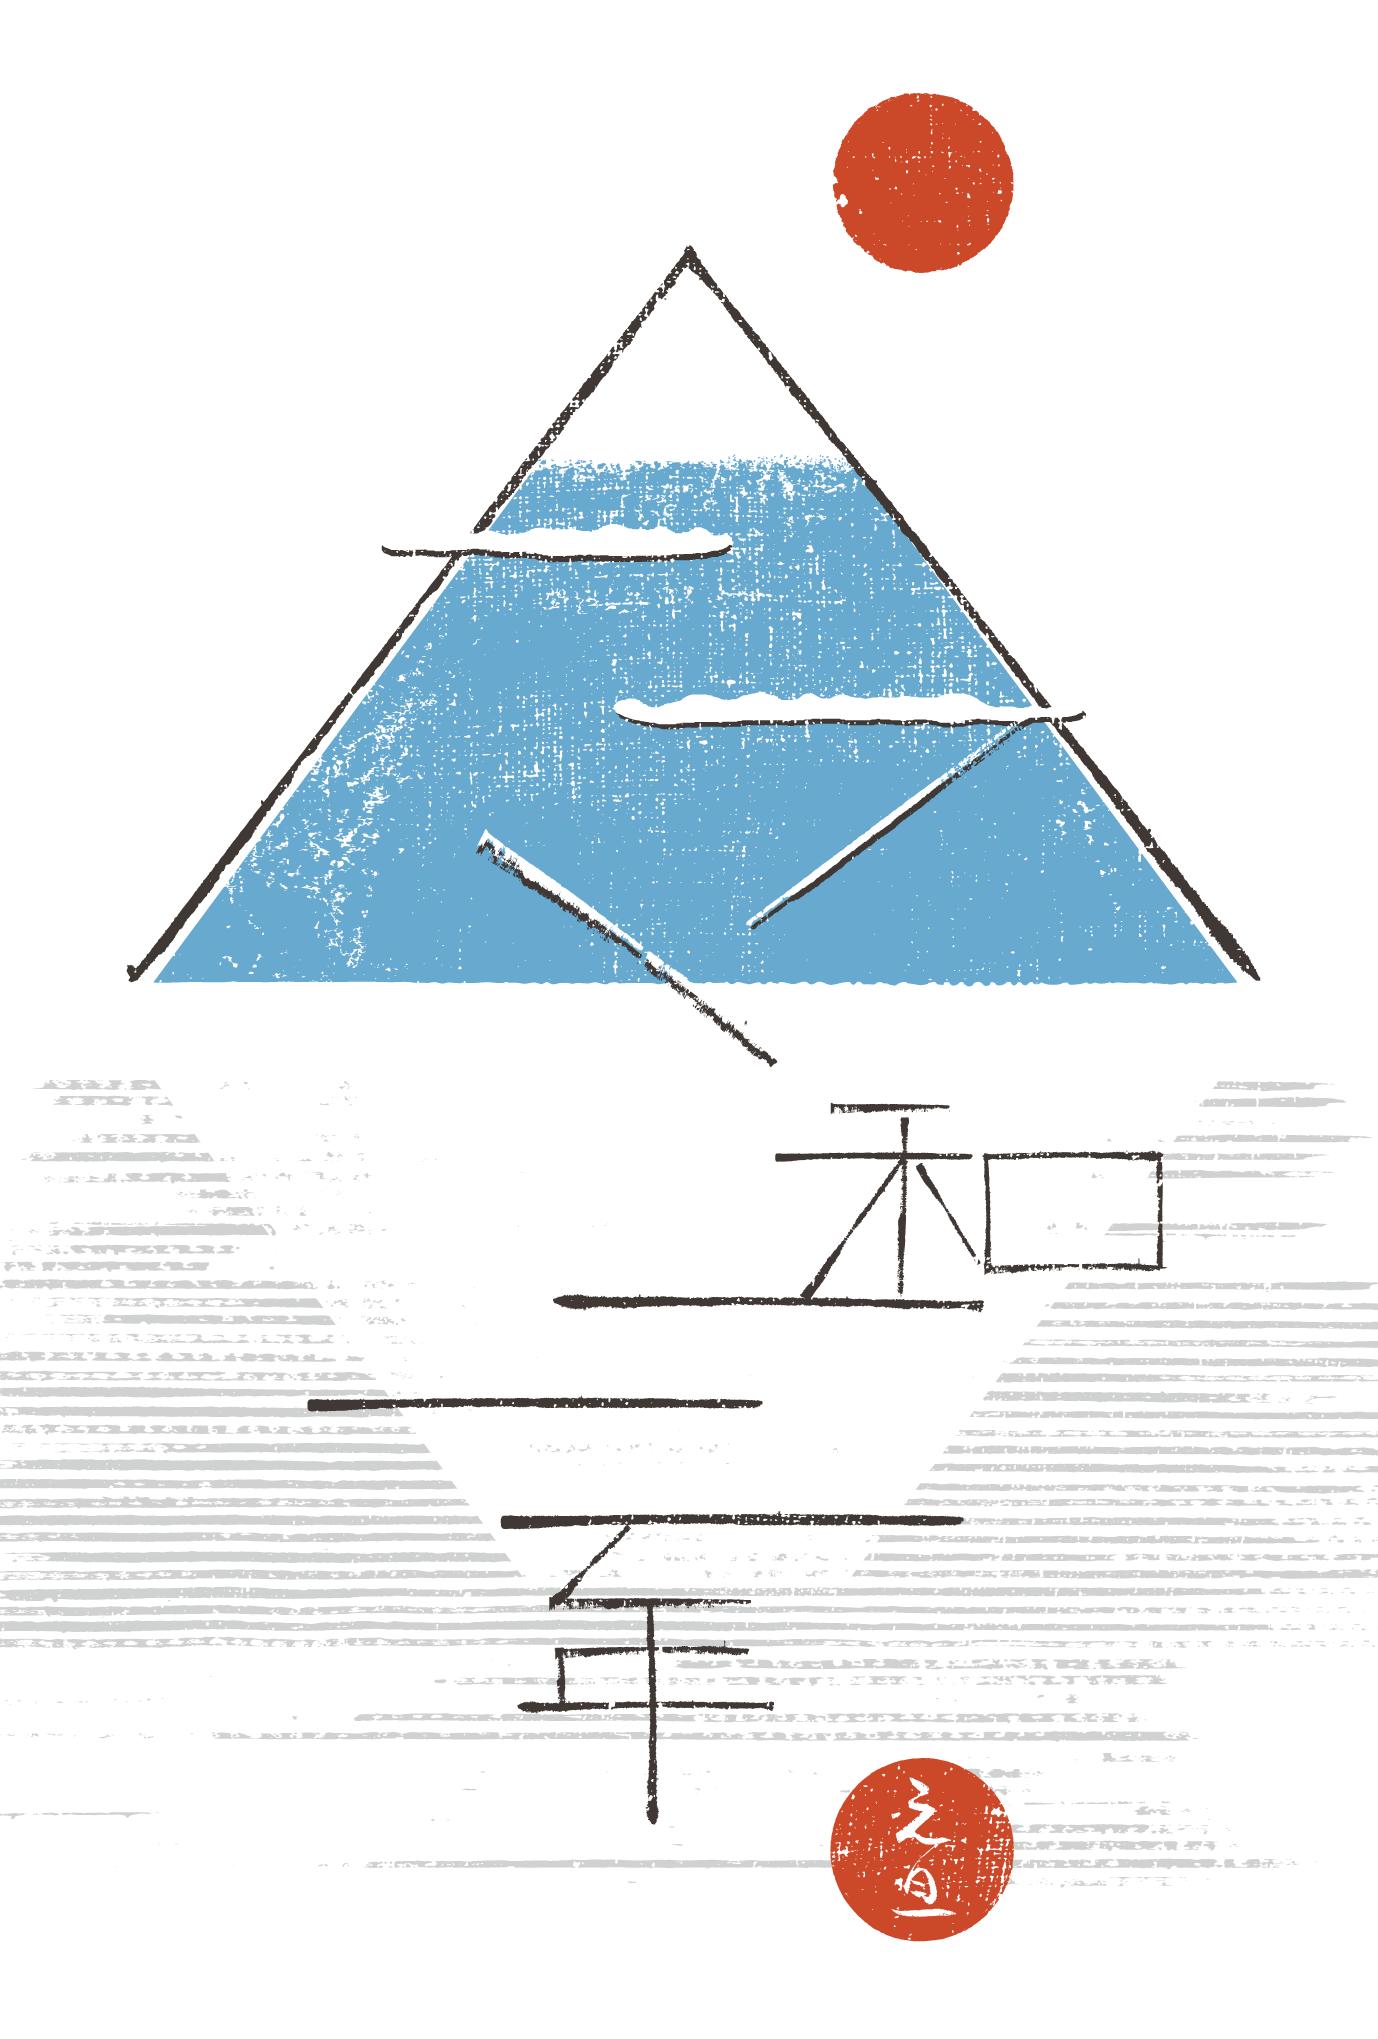 2021年賀状17-1:令和の富士 / 色のダウンロード画像